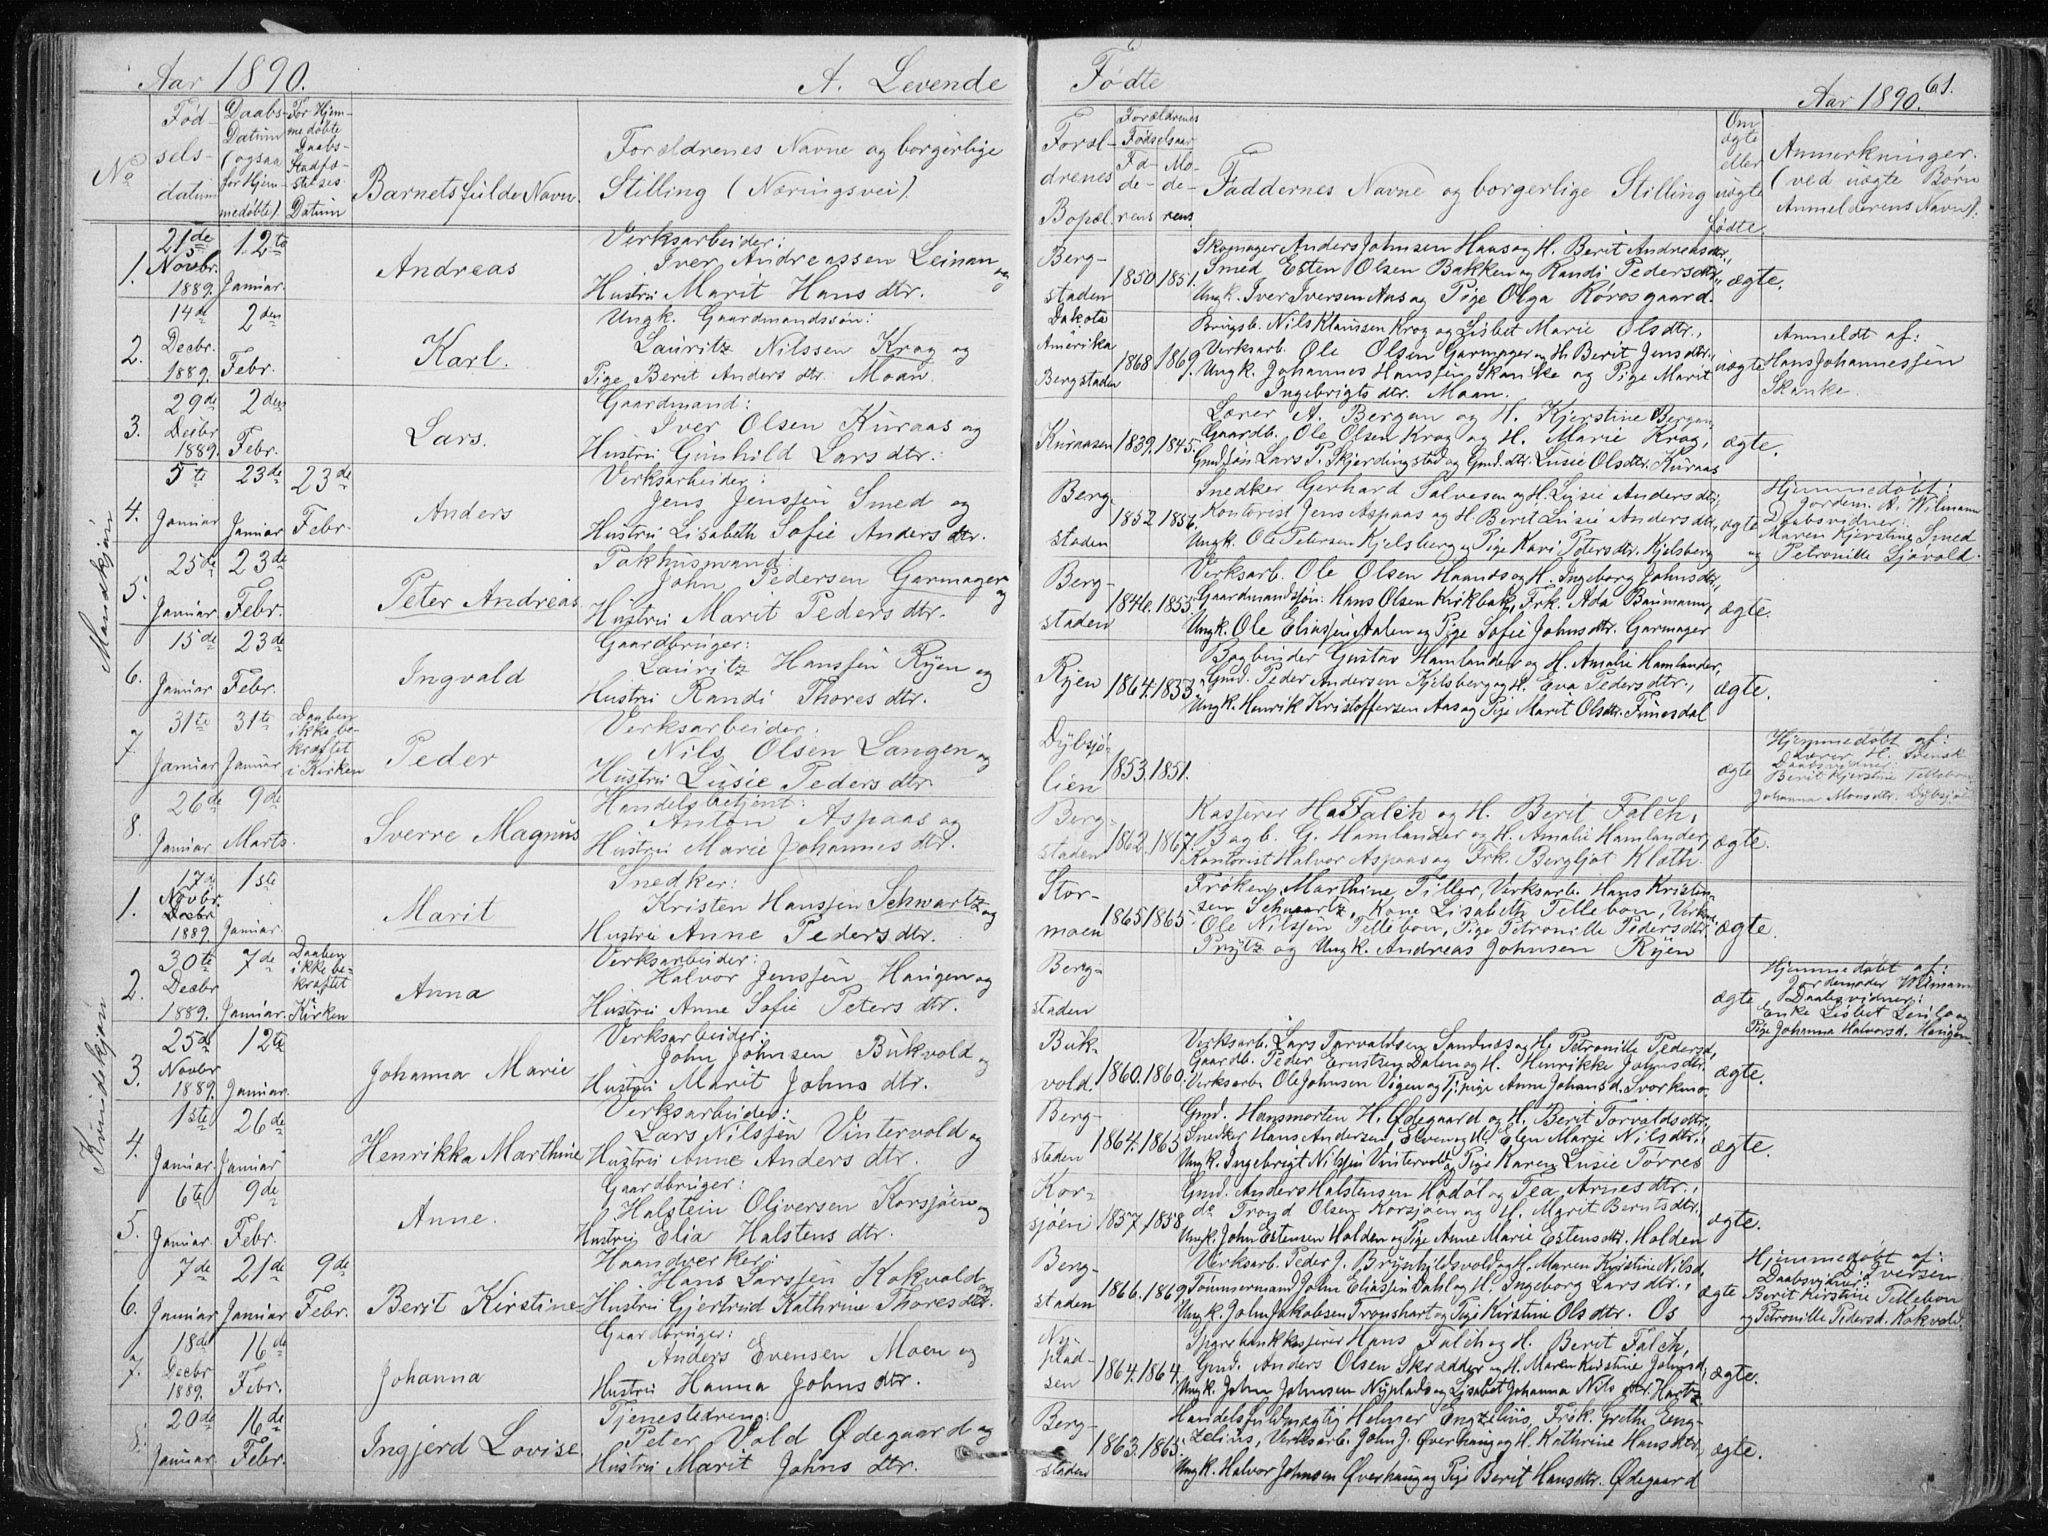 SAT, Ministerialprotokoller, klokkerbøker og fødselsregistre - Sør-Trøndelag, 681/L0940: Klokkerbok nr. 681C04, 1880-1895, s. 61